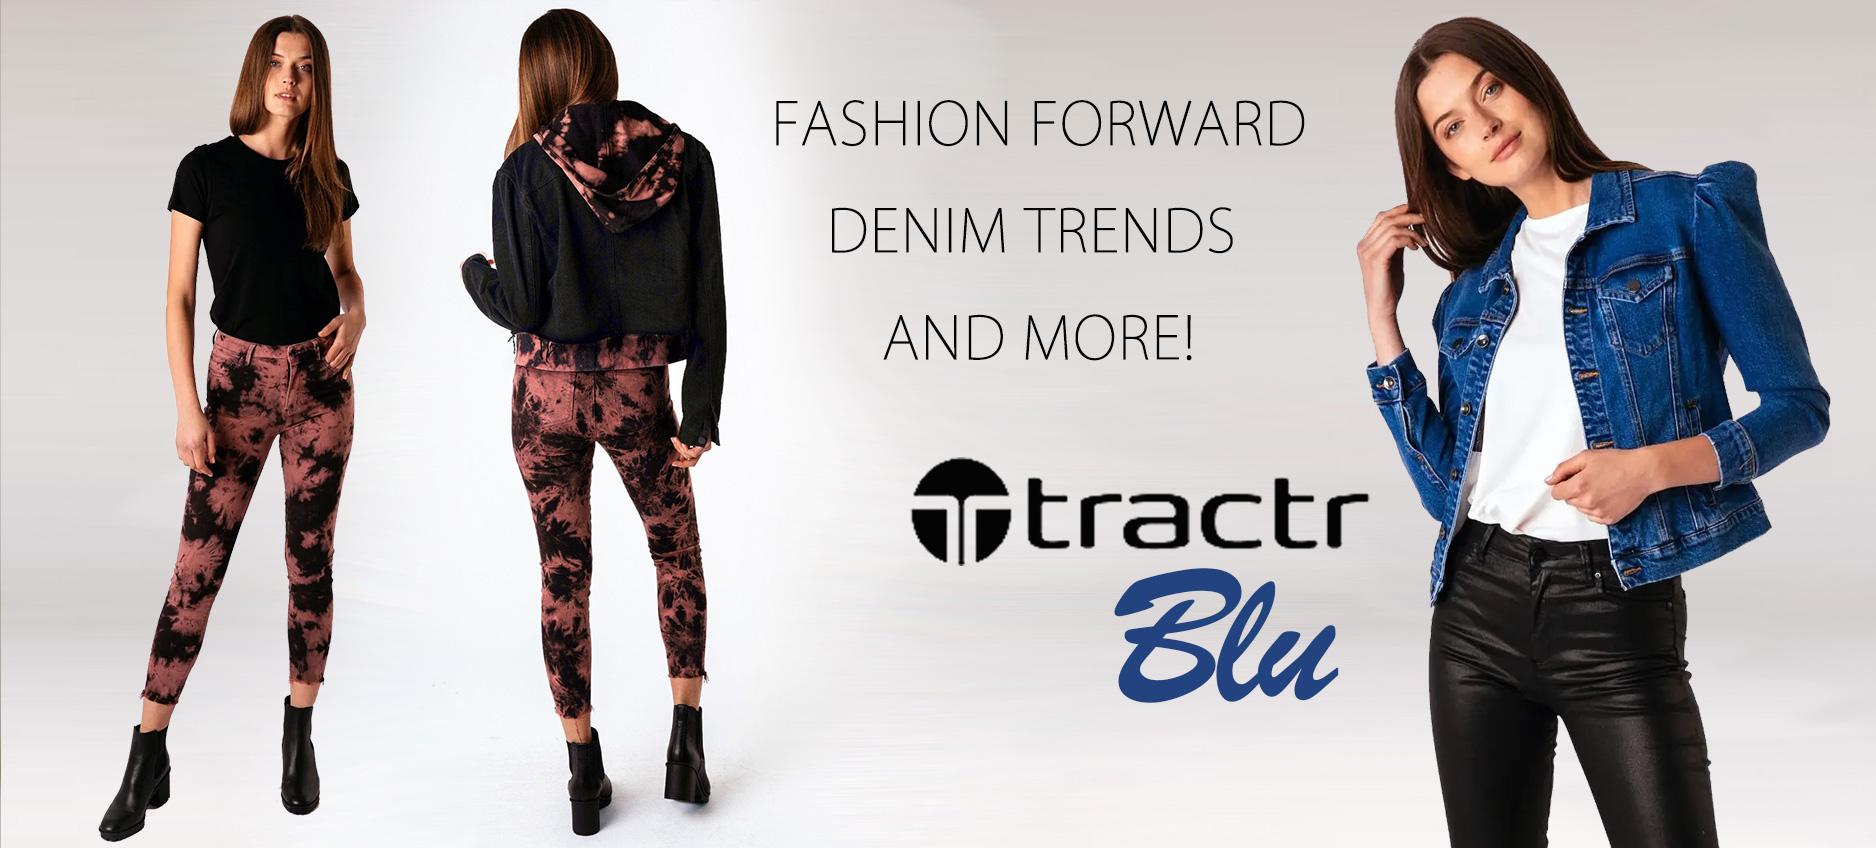 Tractr-Blu